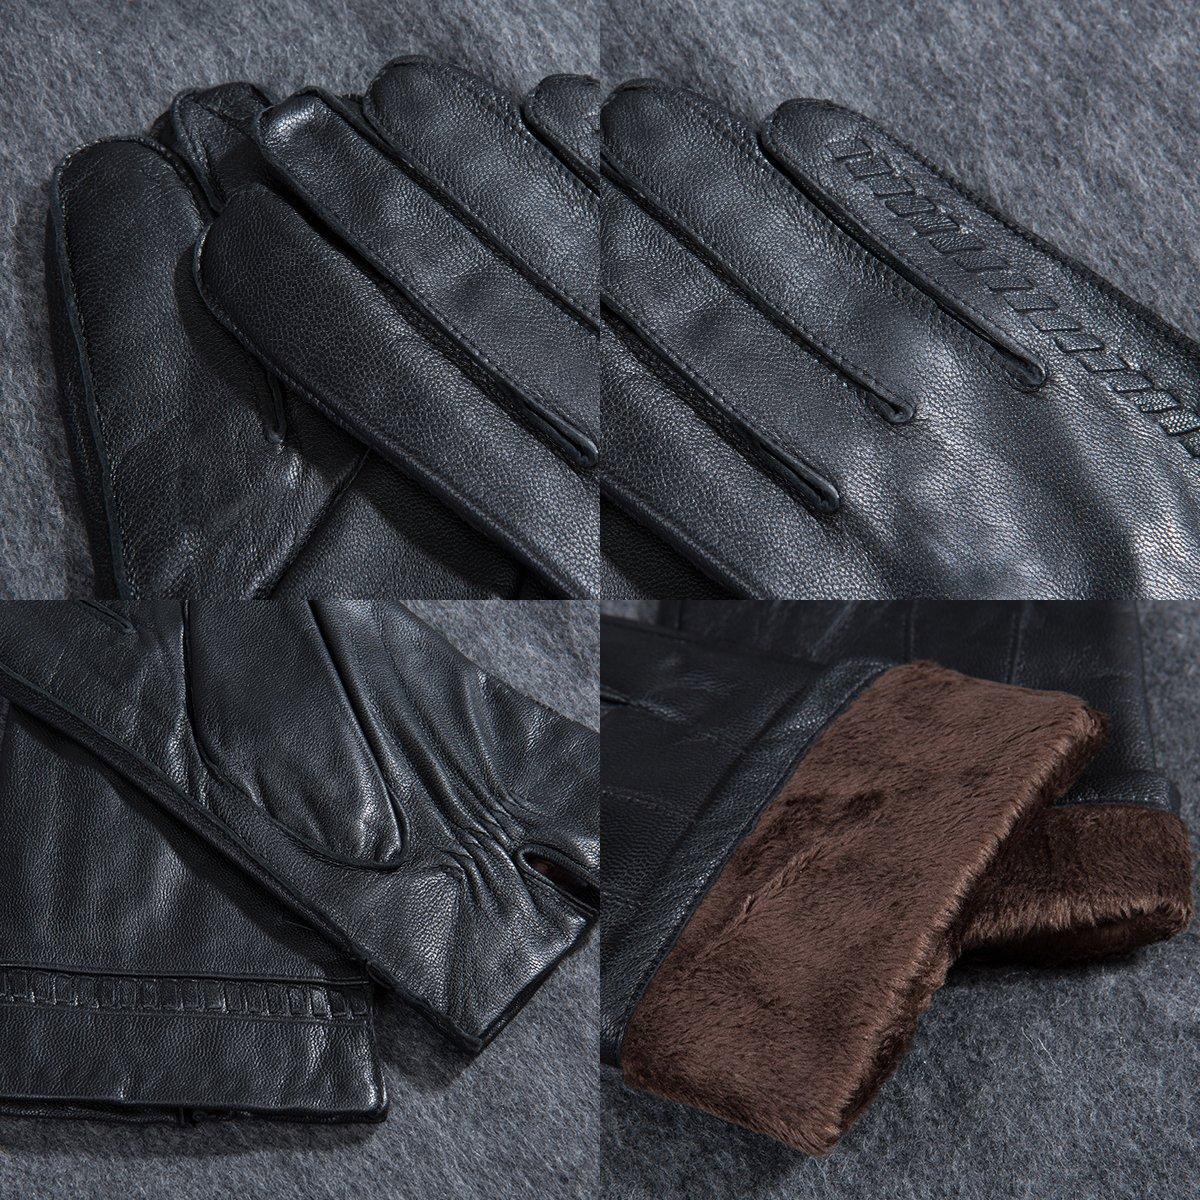 MATSU Men Winter Warm Leather Weave Black Gloves M1057